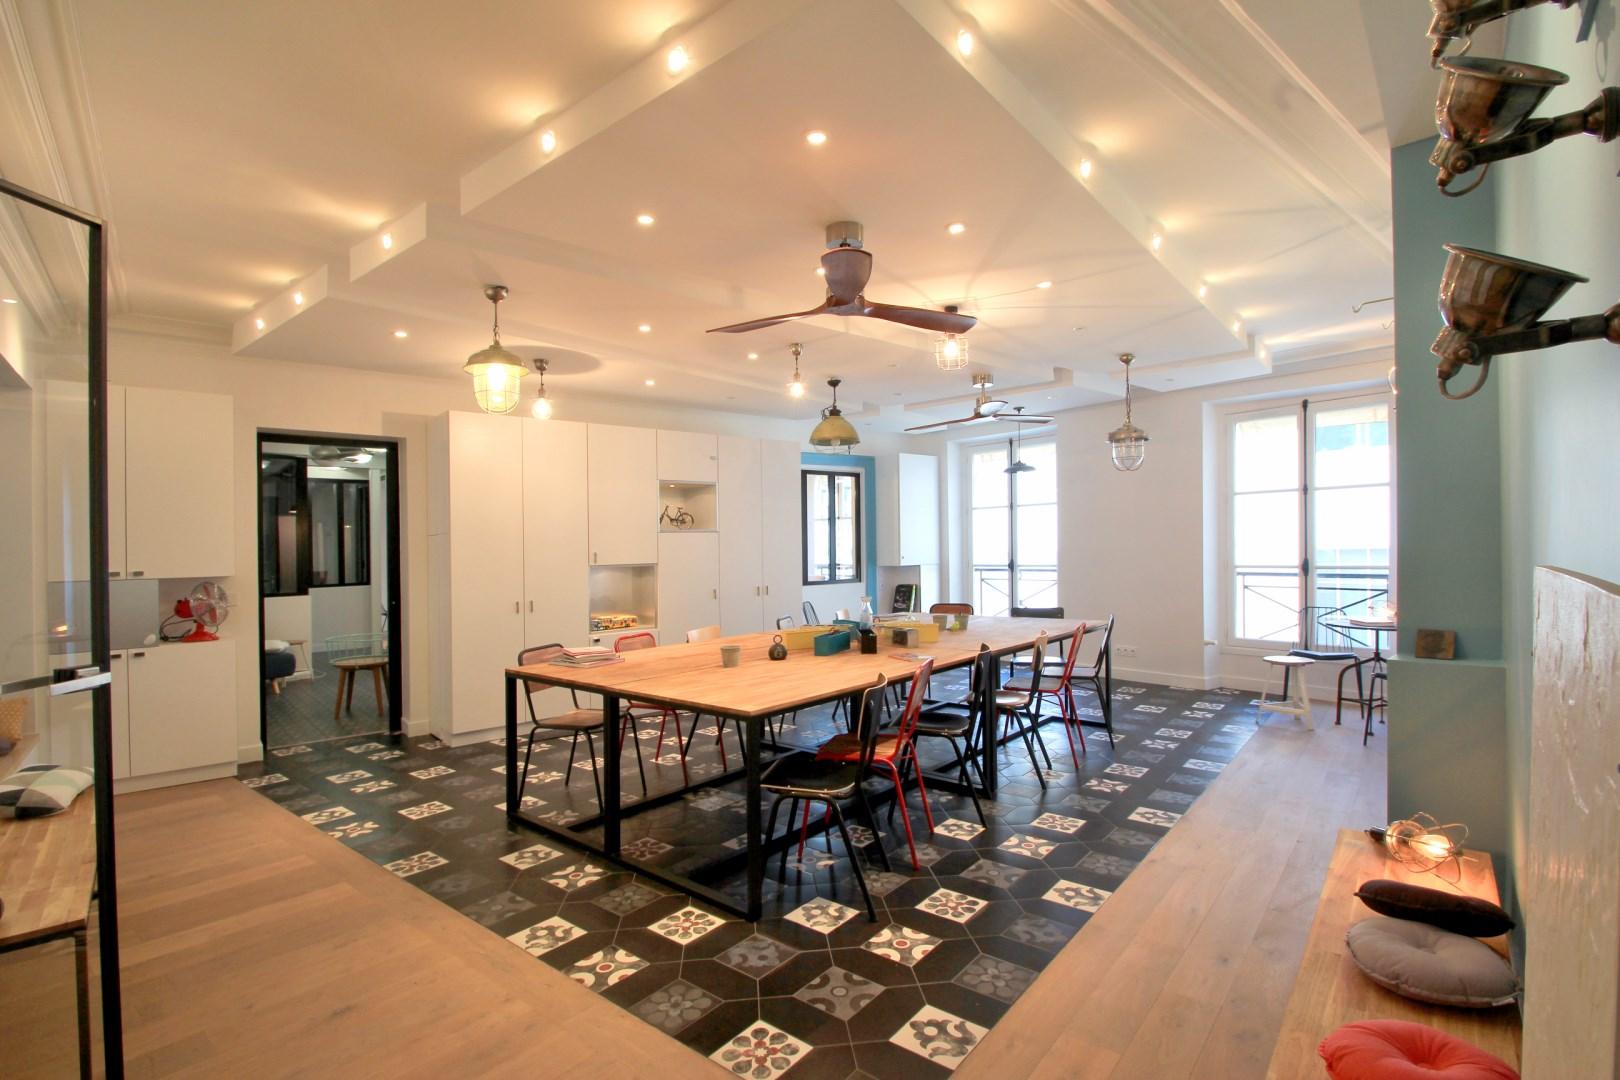 Salon De Jardin Carreau De Ciment bureaux atypiques pour missions publiques sentier paris